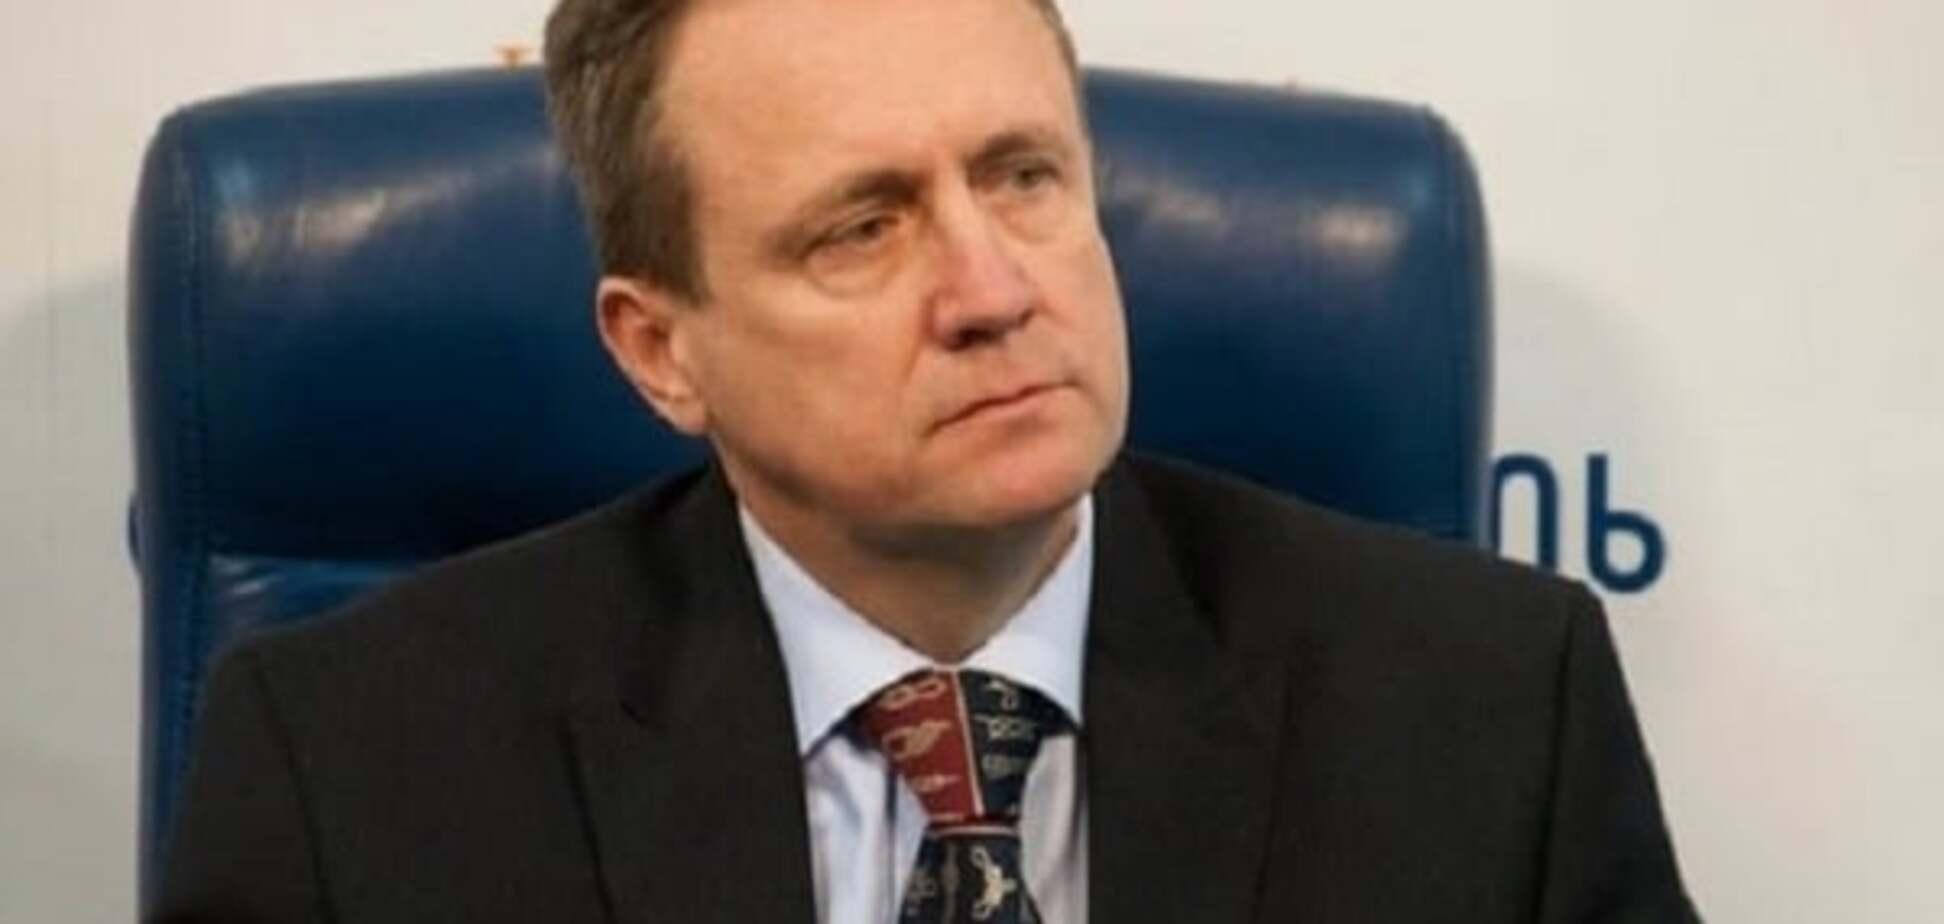 Поганий індикатор: адмірал Кабаненко попередив про небезпеку застосування 'дипломатії бомбардувань'